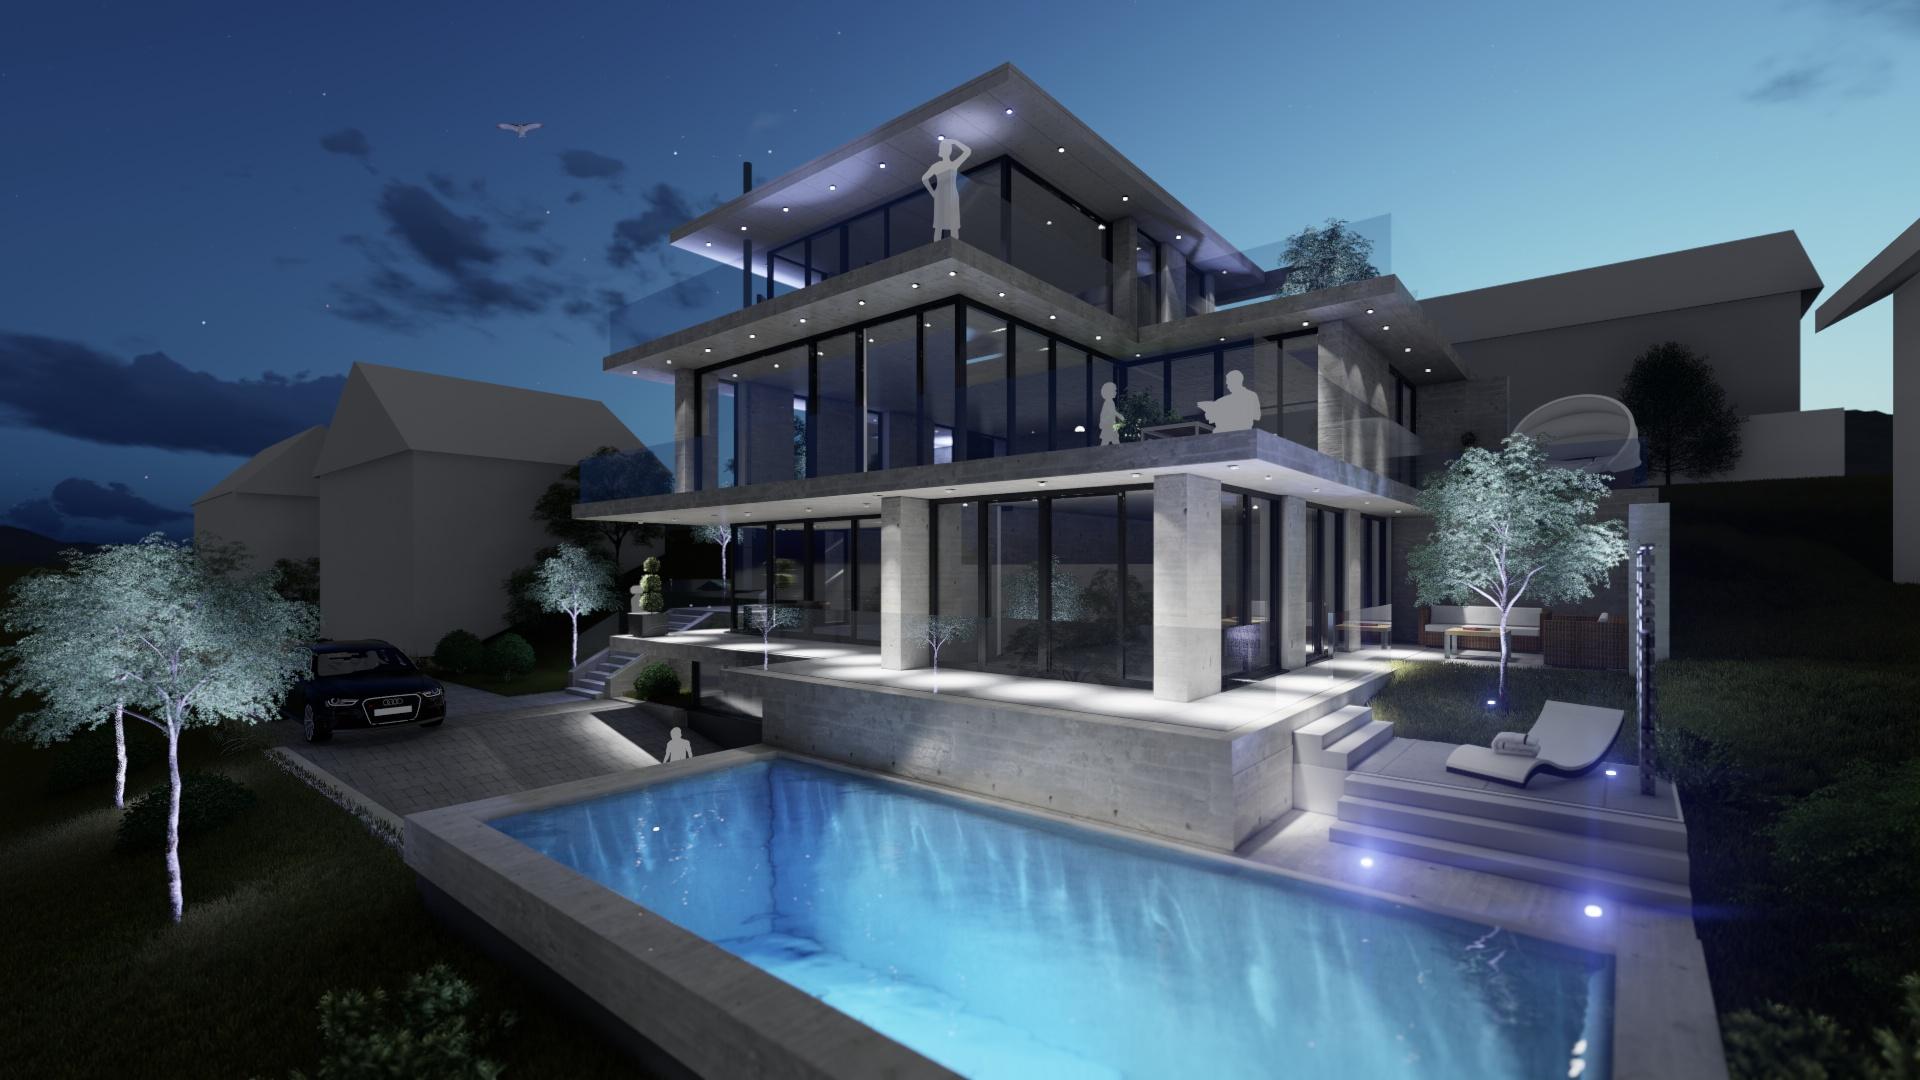 Einfamilienhaus luxus  LAKE ESTATES - Wir steigern Immobilienwerte in Bestlagen ...